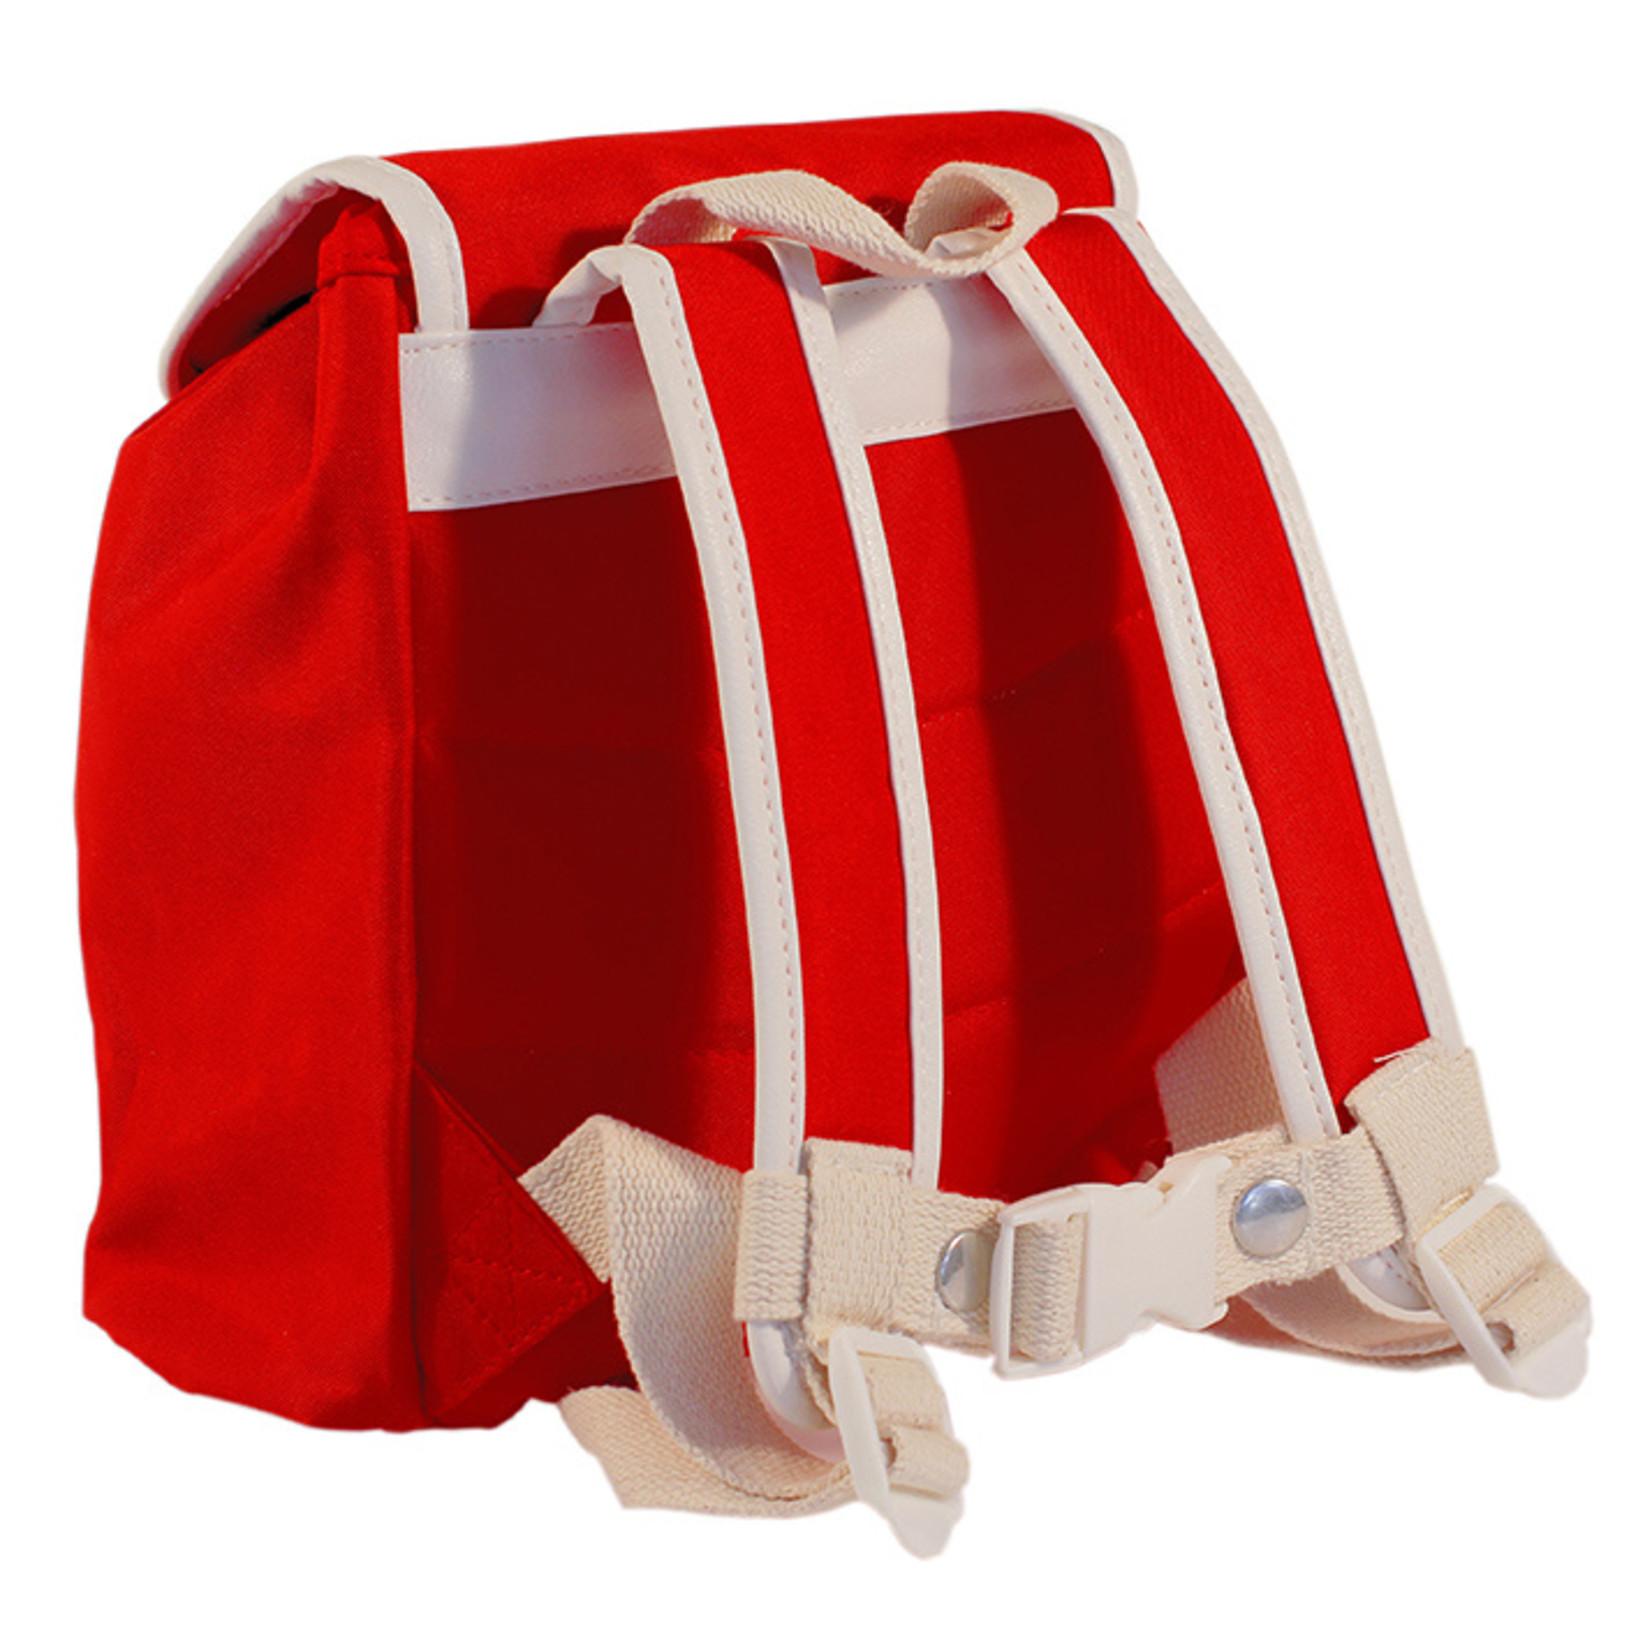 BLAFRE Roter Kindergartenrucksack von Blafre